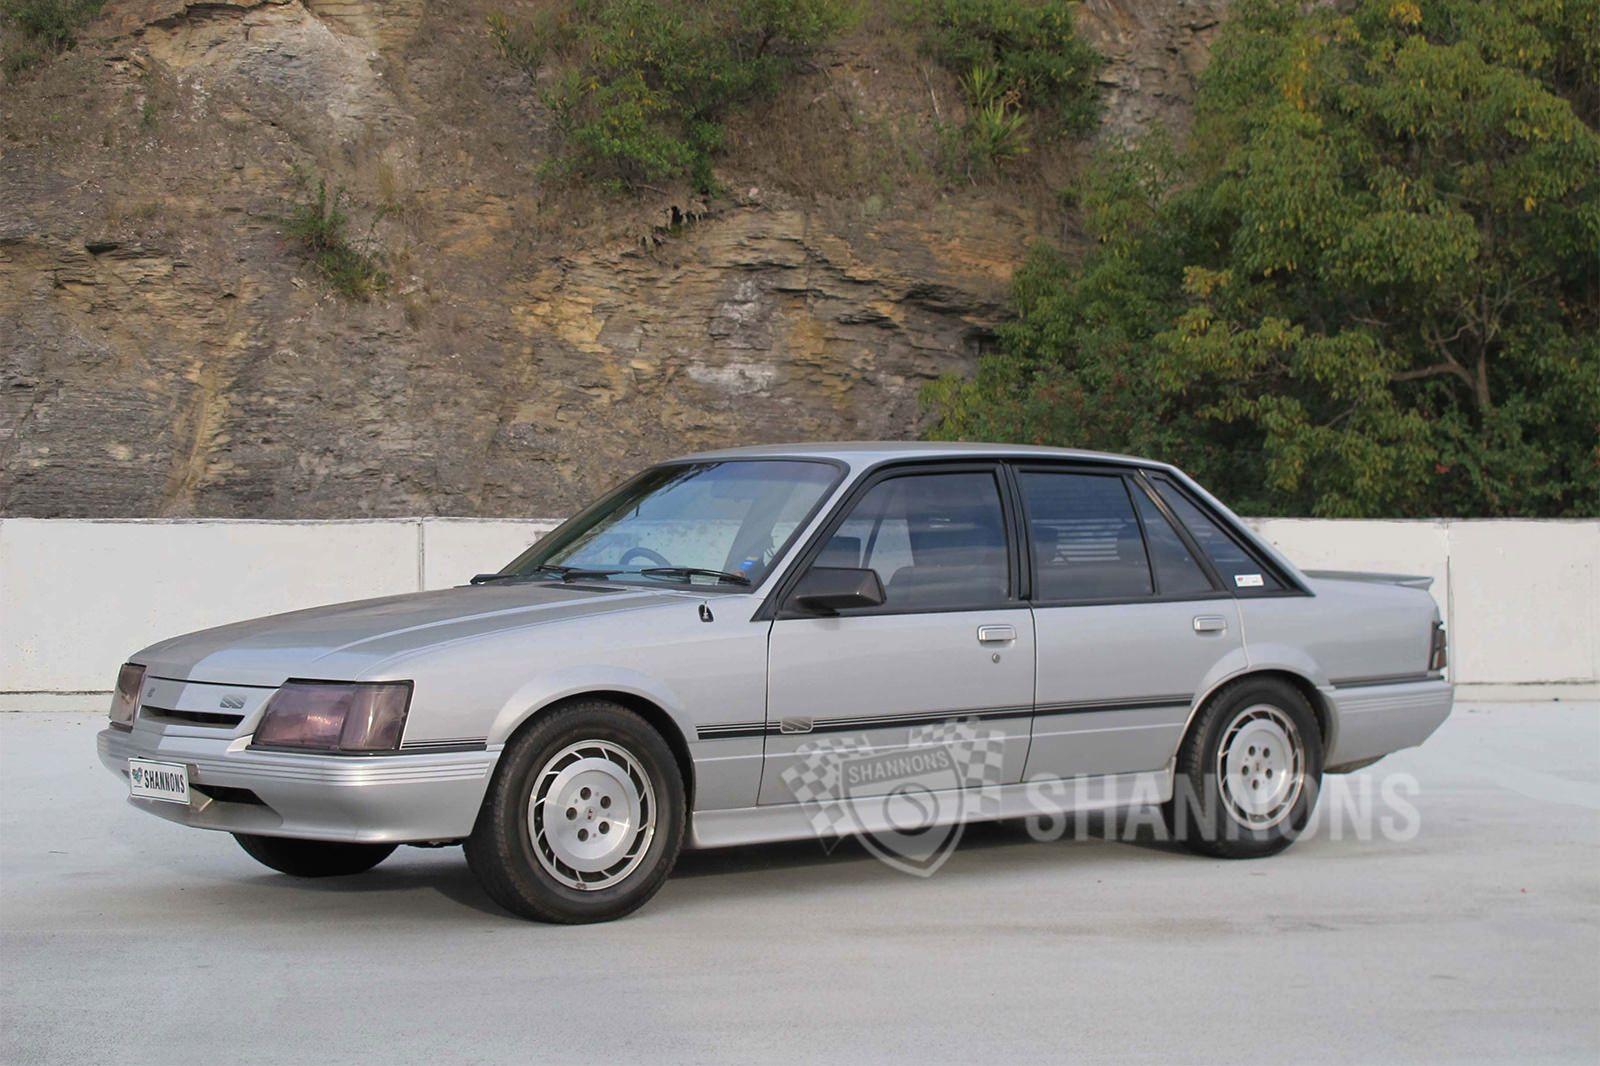 1984 Holden HDT VK SS Commodore